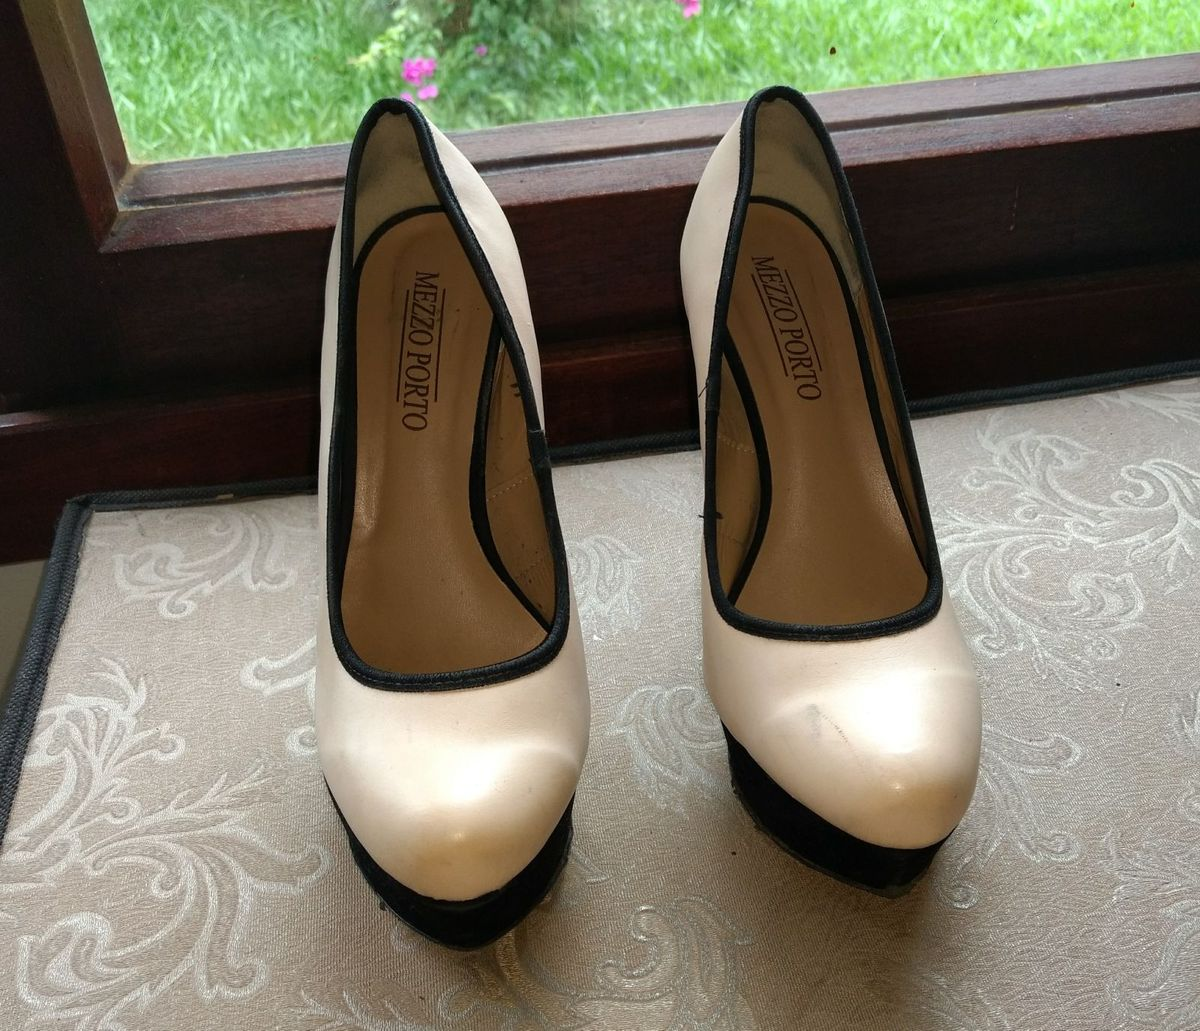 b2209933c5 scarpin rosa claro - sapatos mezzo porto.  Czm6ly9wag90b3muzw5qb2vplmnvbs5ici9wcm9kdwn0cy82oduxndu4l2i3n2e0zduwmzk3mjyymjezmmnjodgwzgjjzdblzdnjlmpwzw  ...